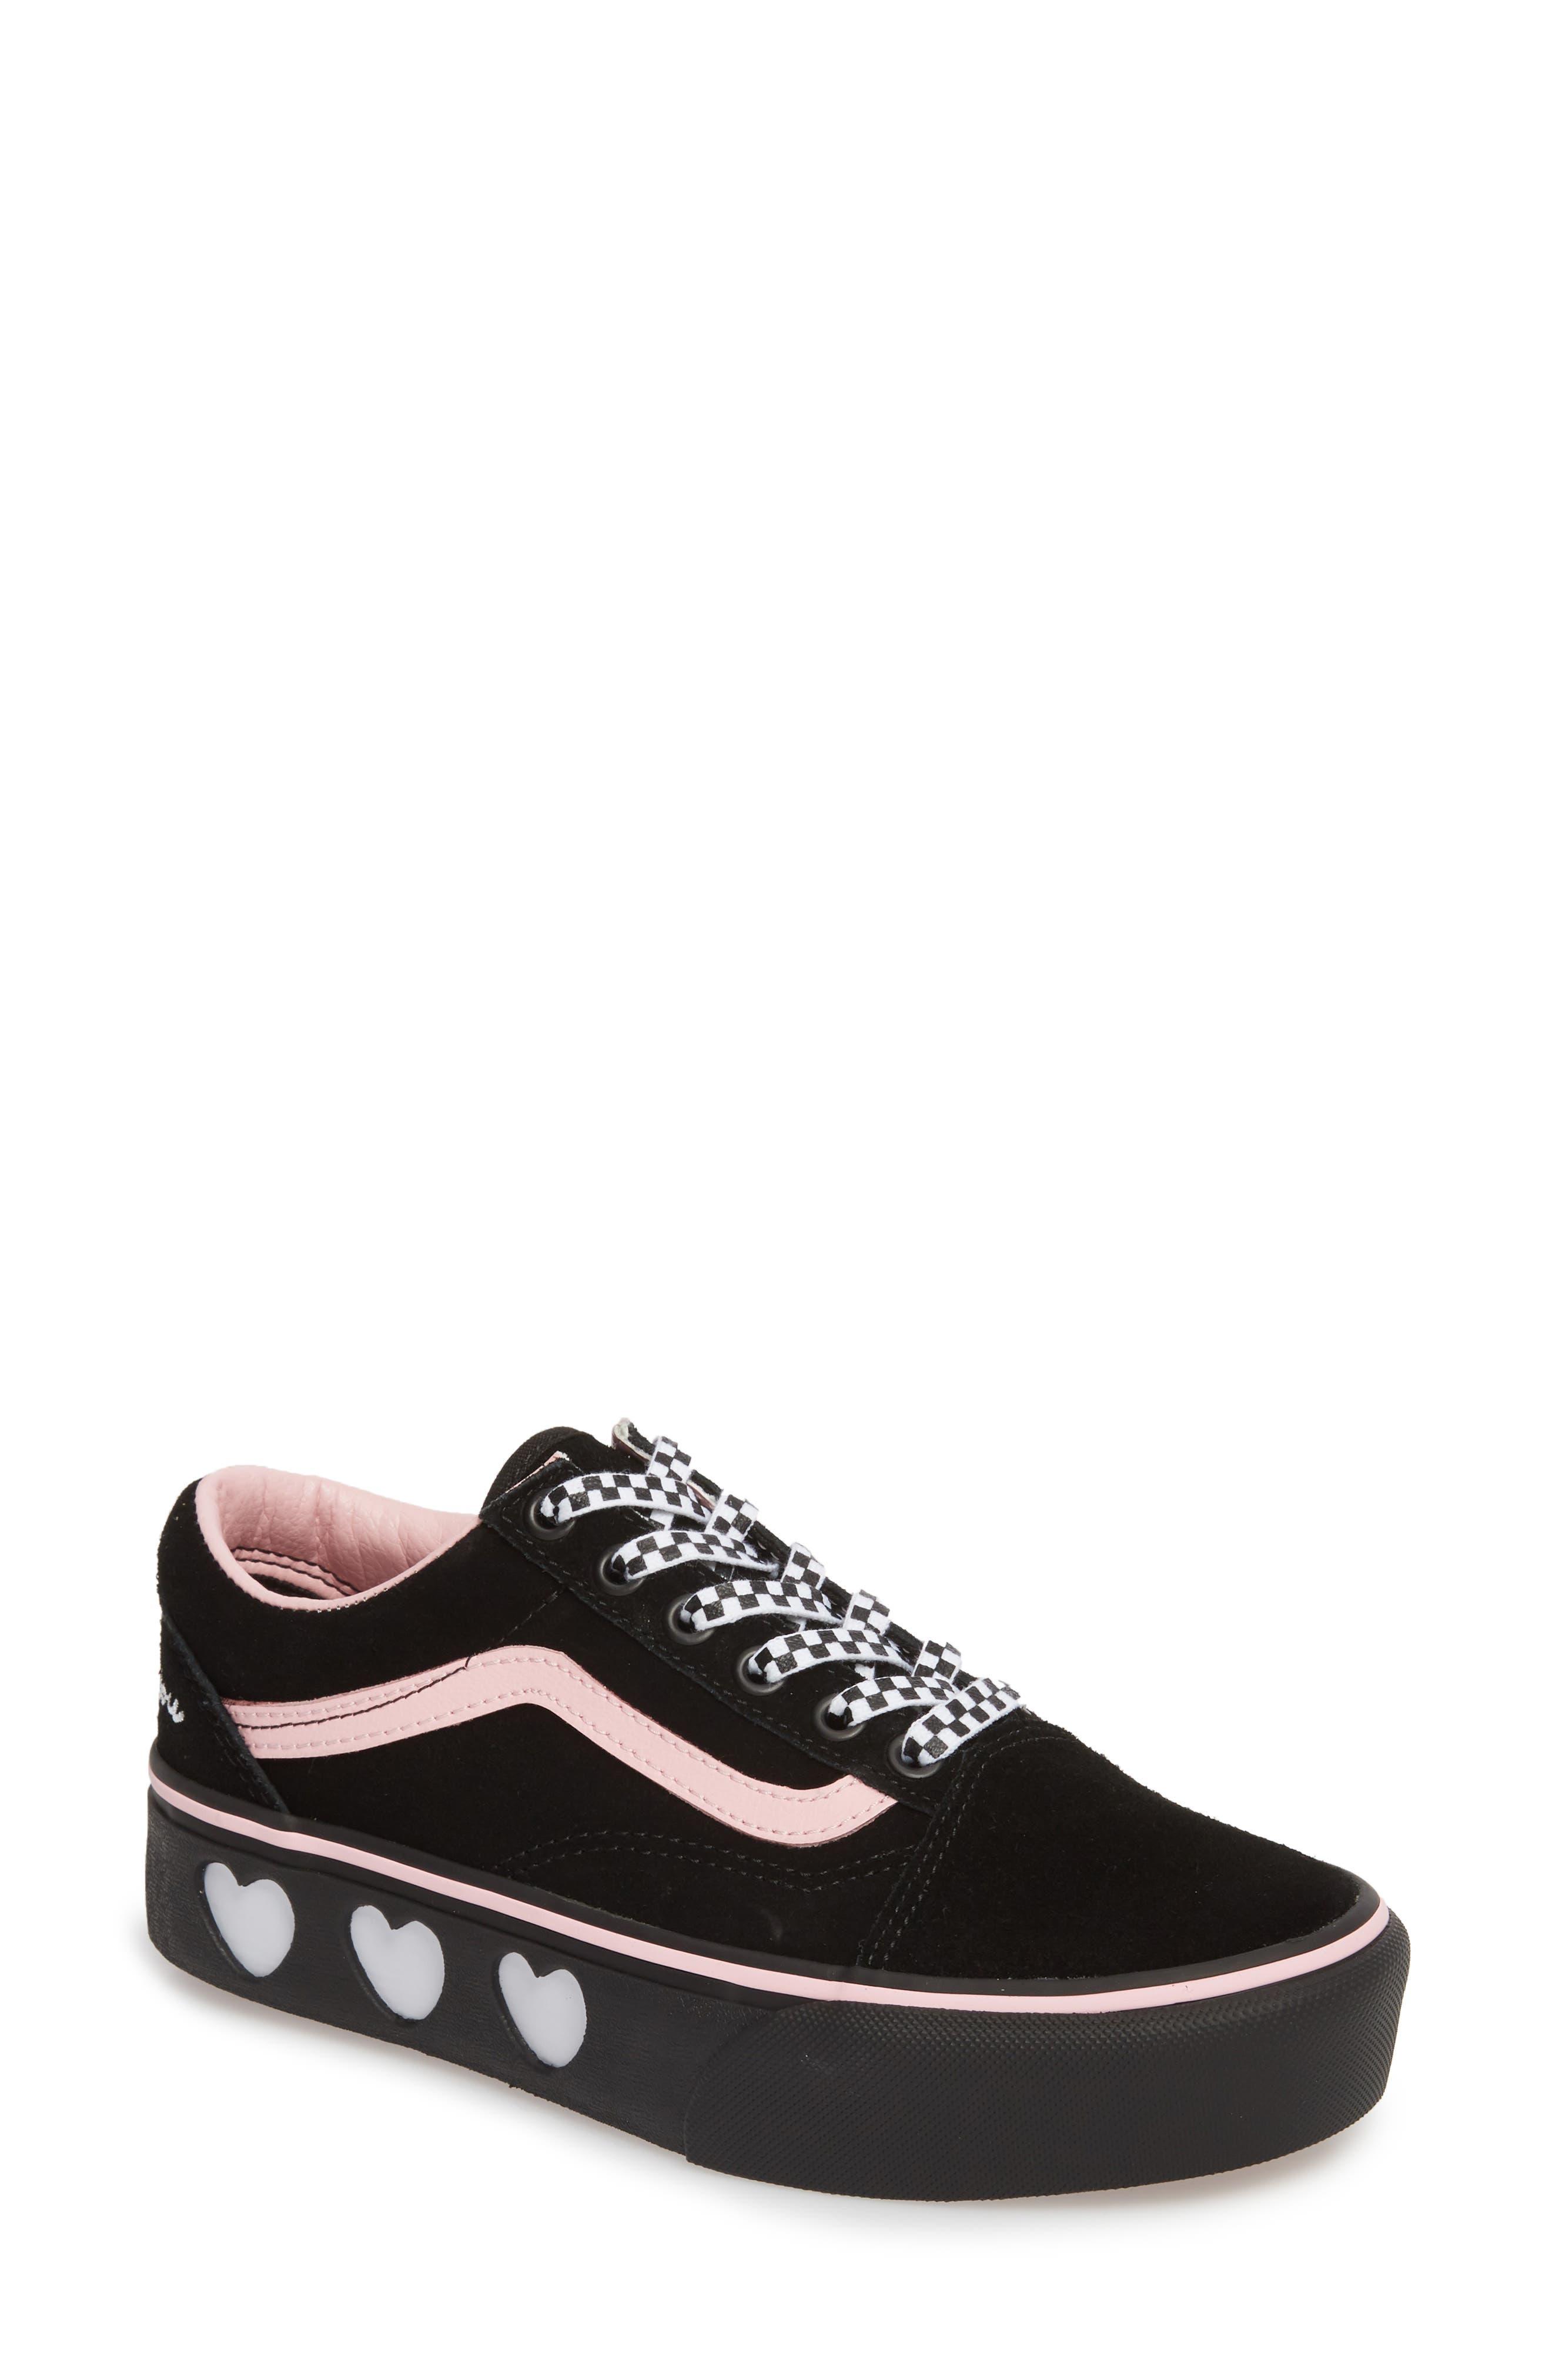 Vans Old Skool Platform Sneaker (Women)